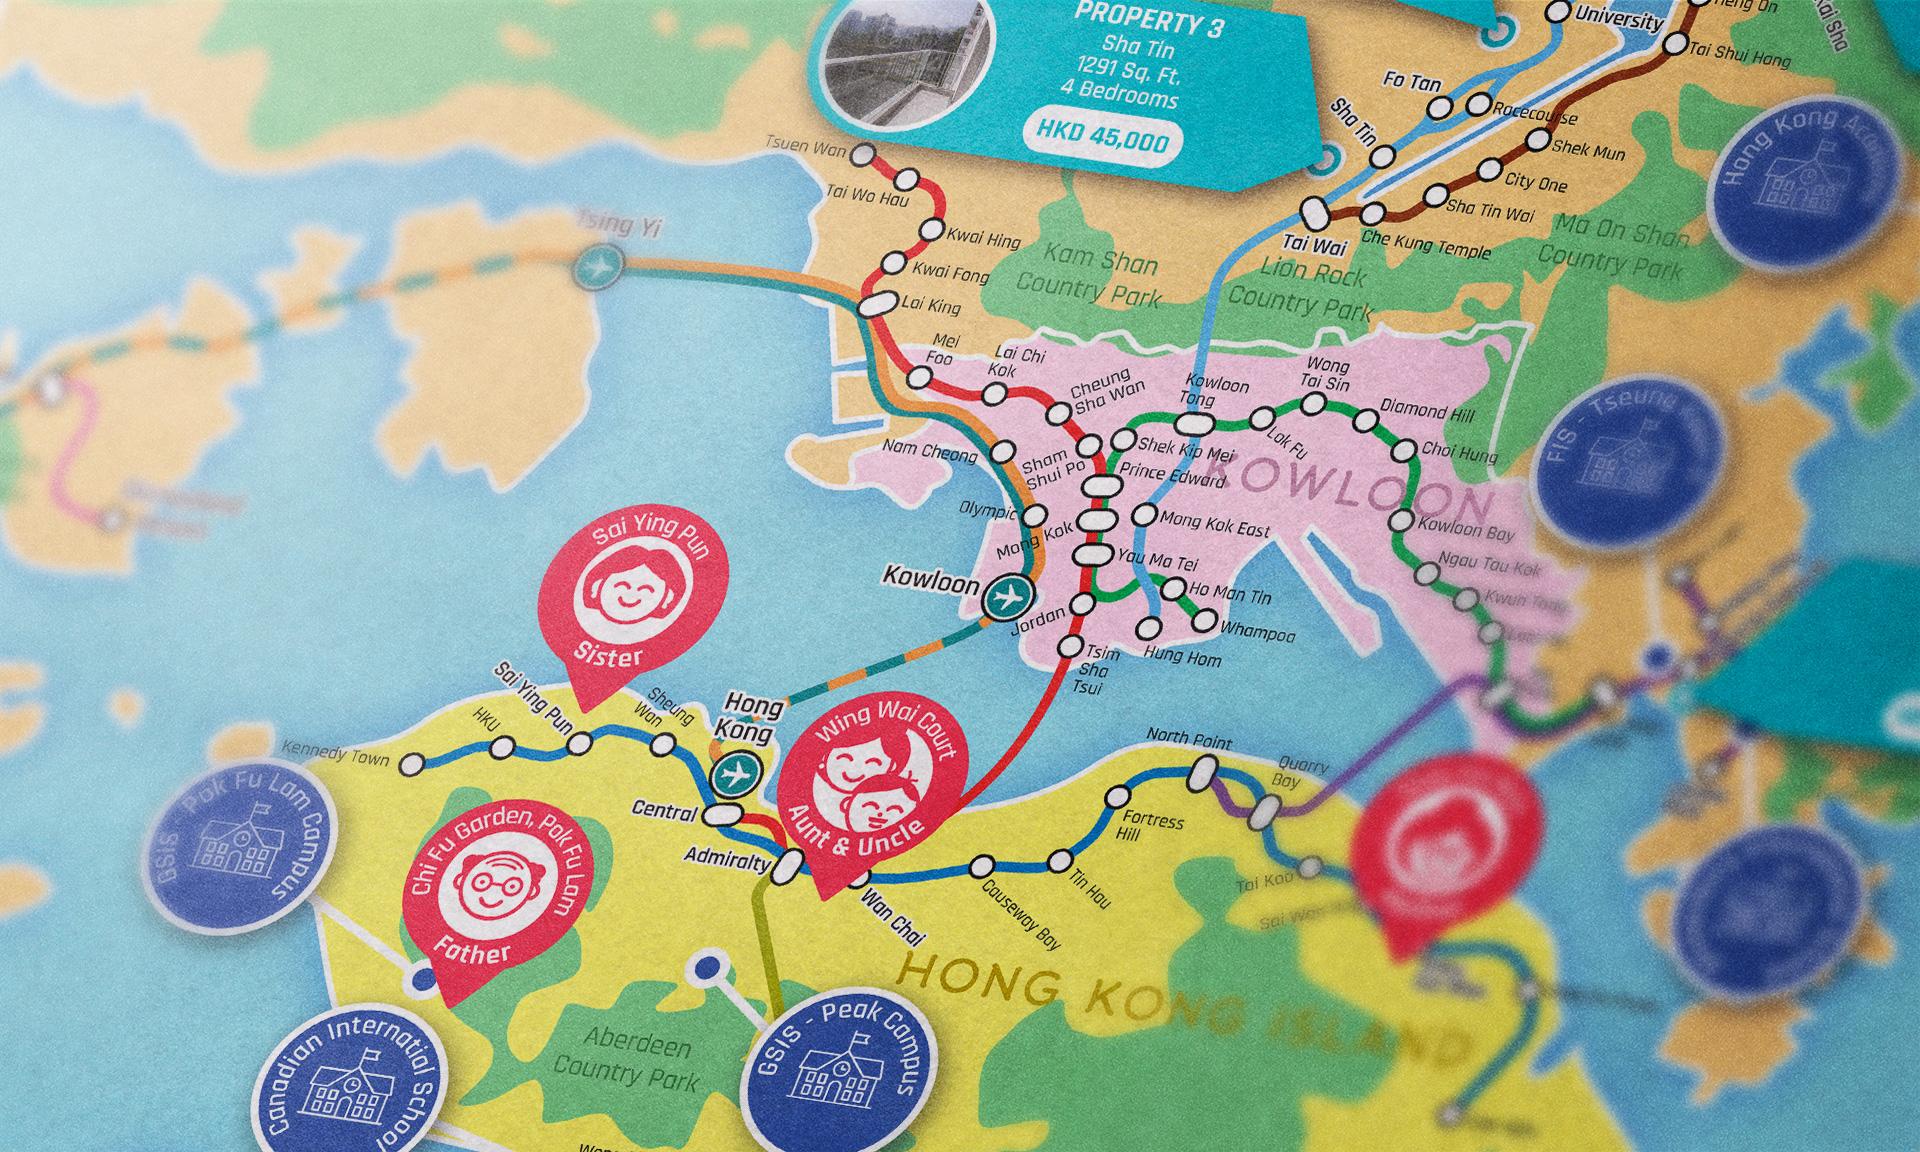 Honk Kong map close-up